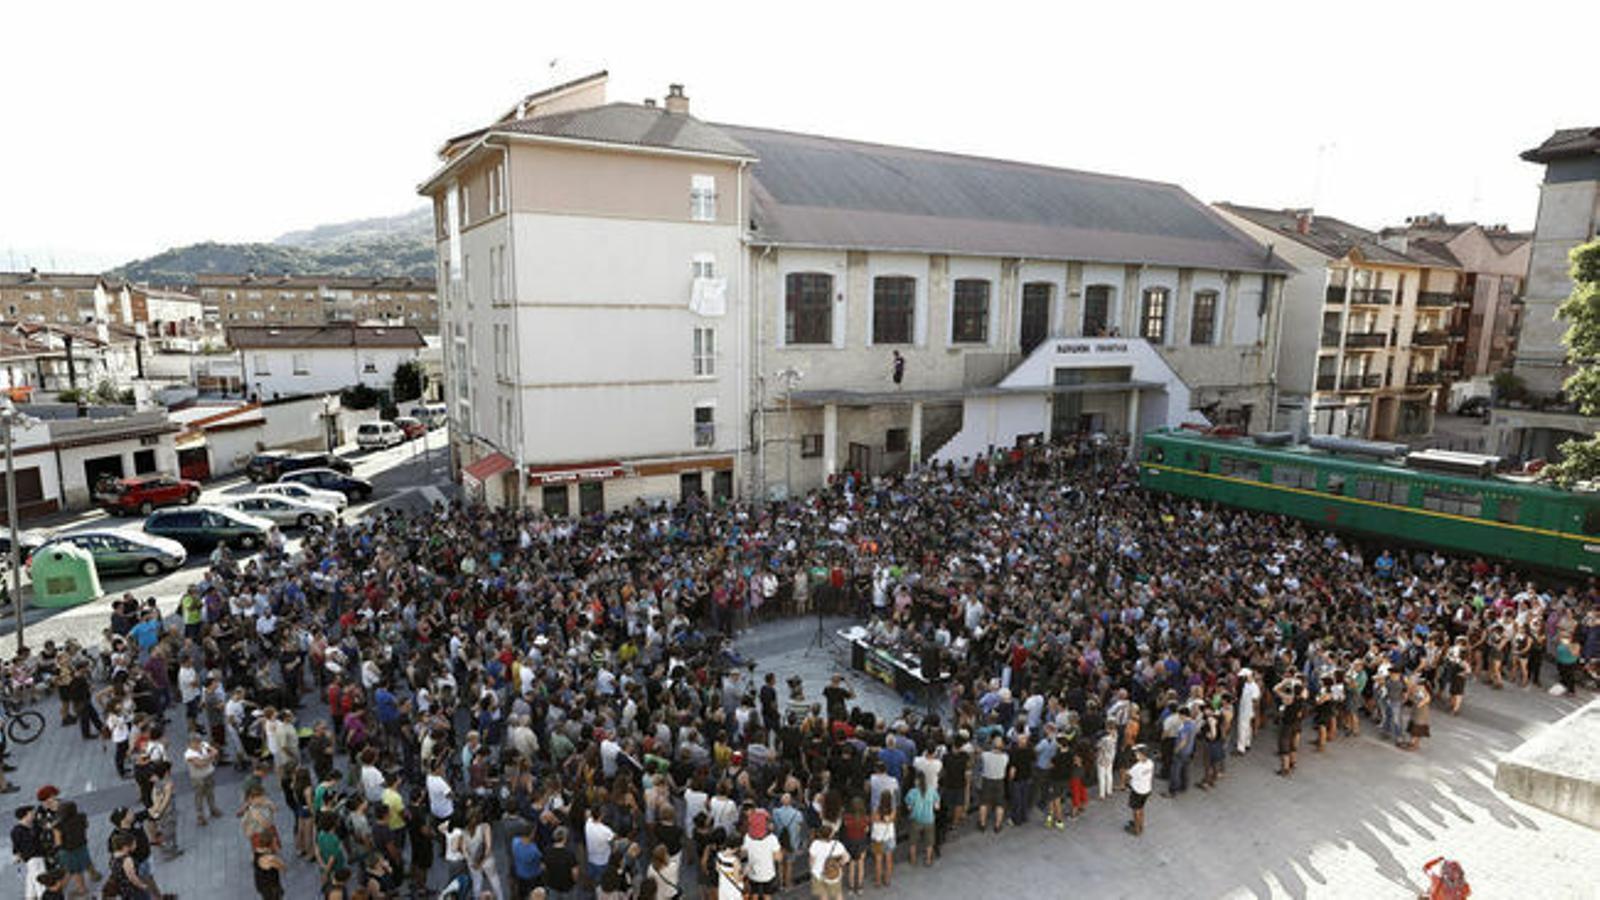 L'independentisme es torna a mobilitzar per assistir a la manifestació de diumenge a Altsasu